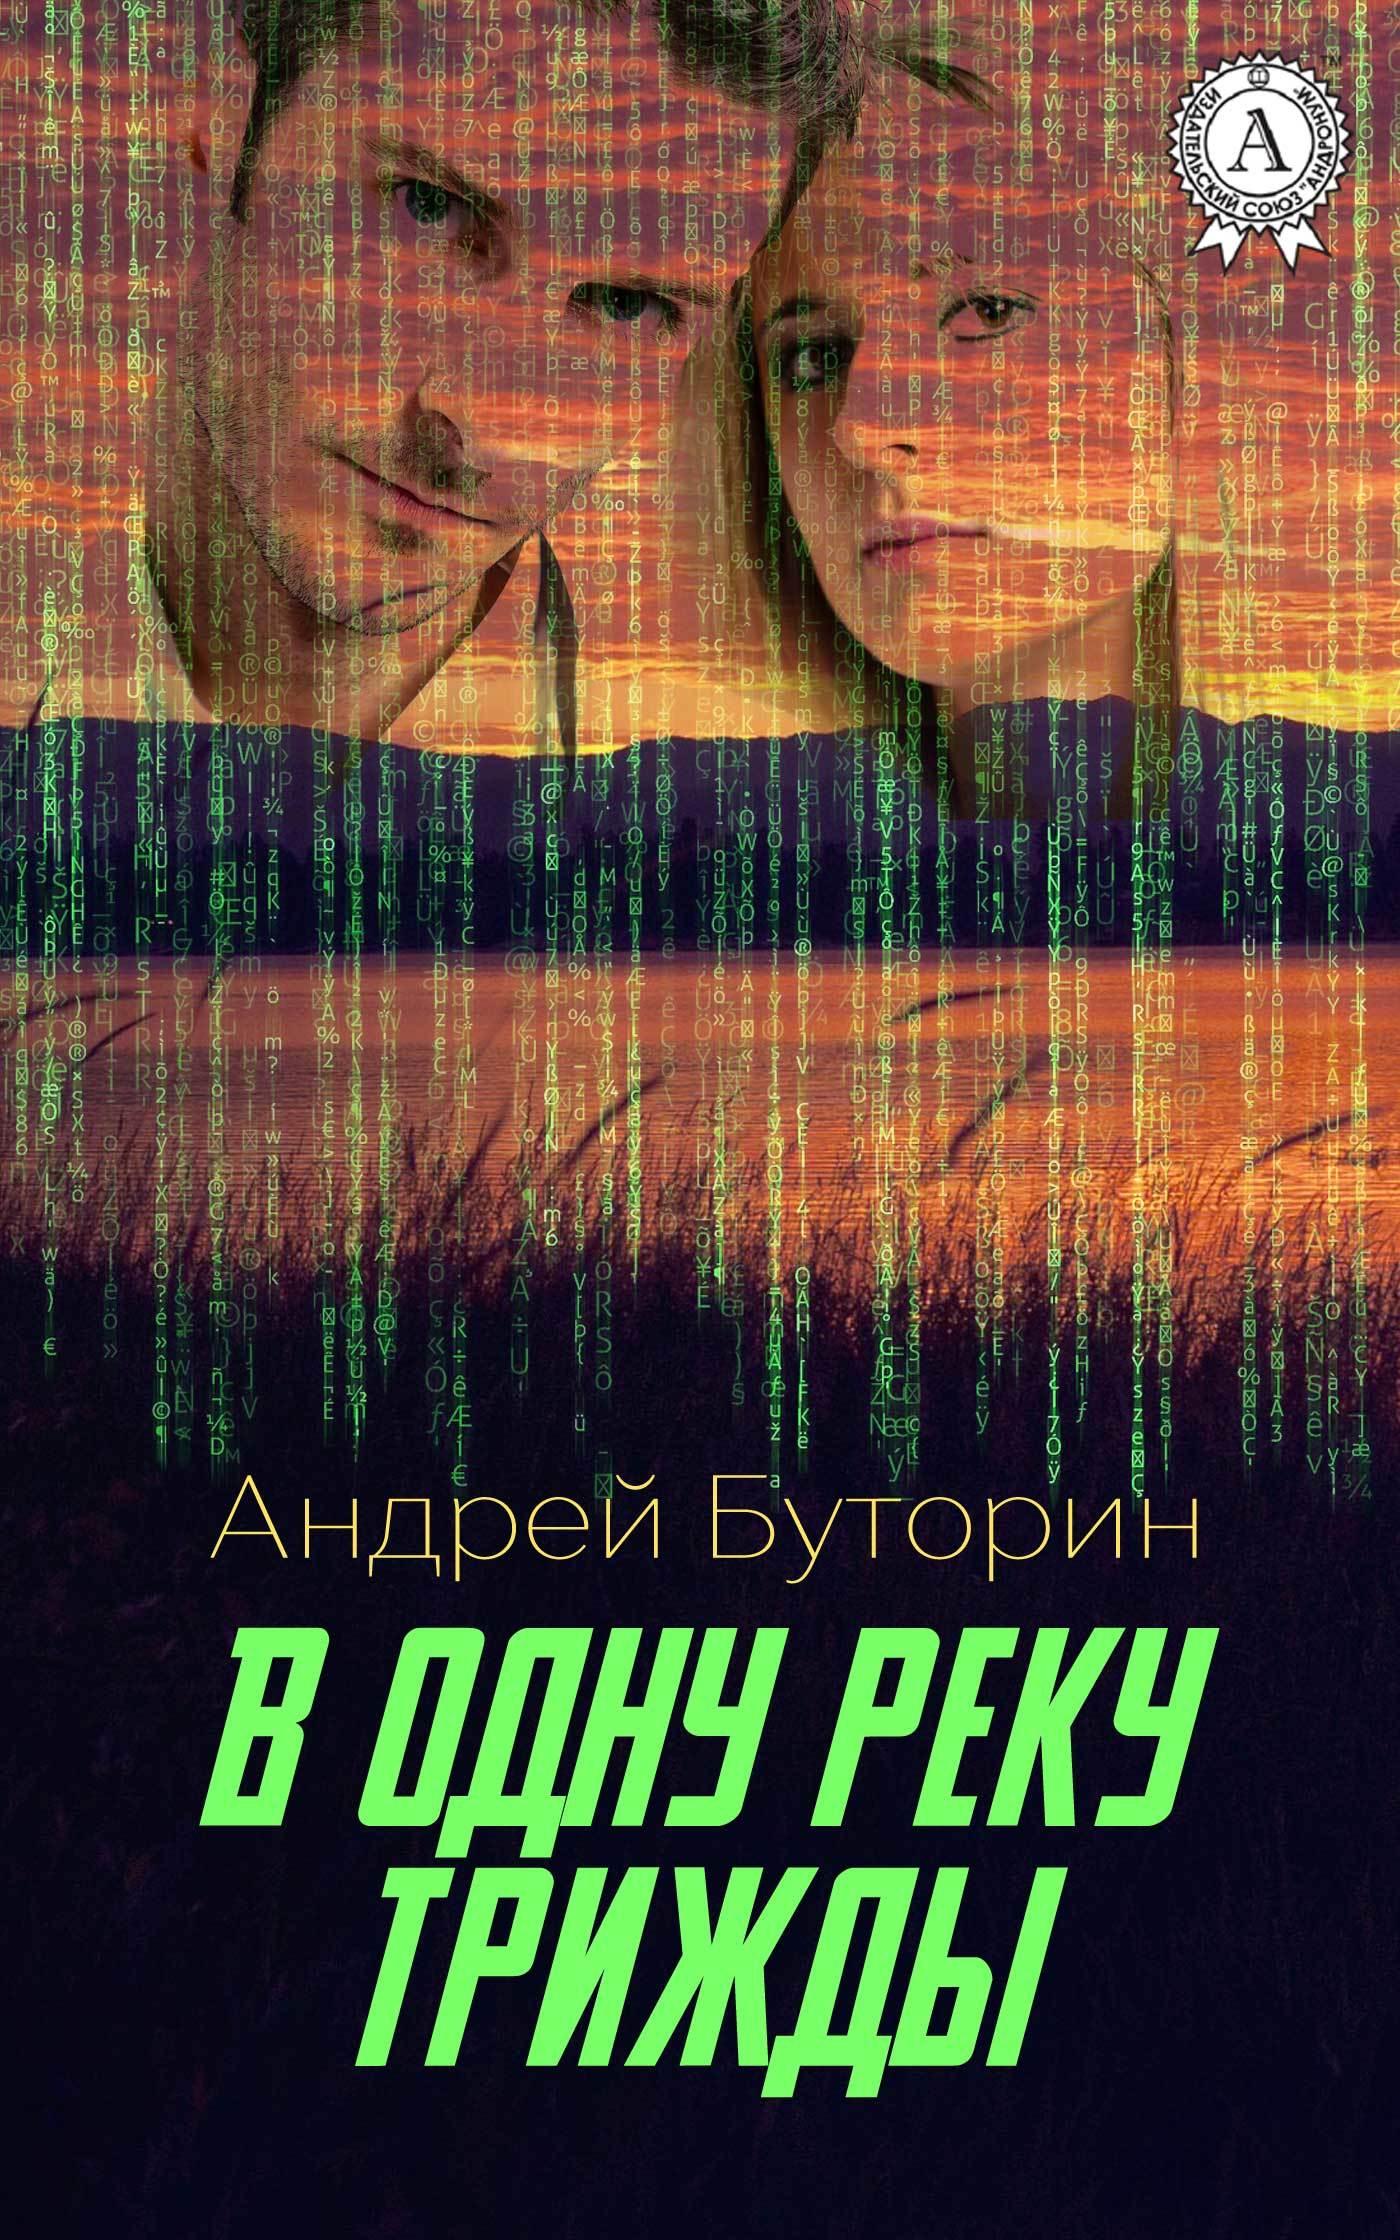 Андрей Буторин В одну реку трижды андрей буторин червоточина